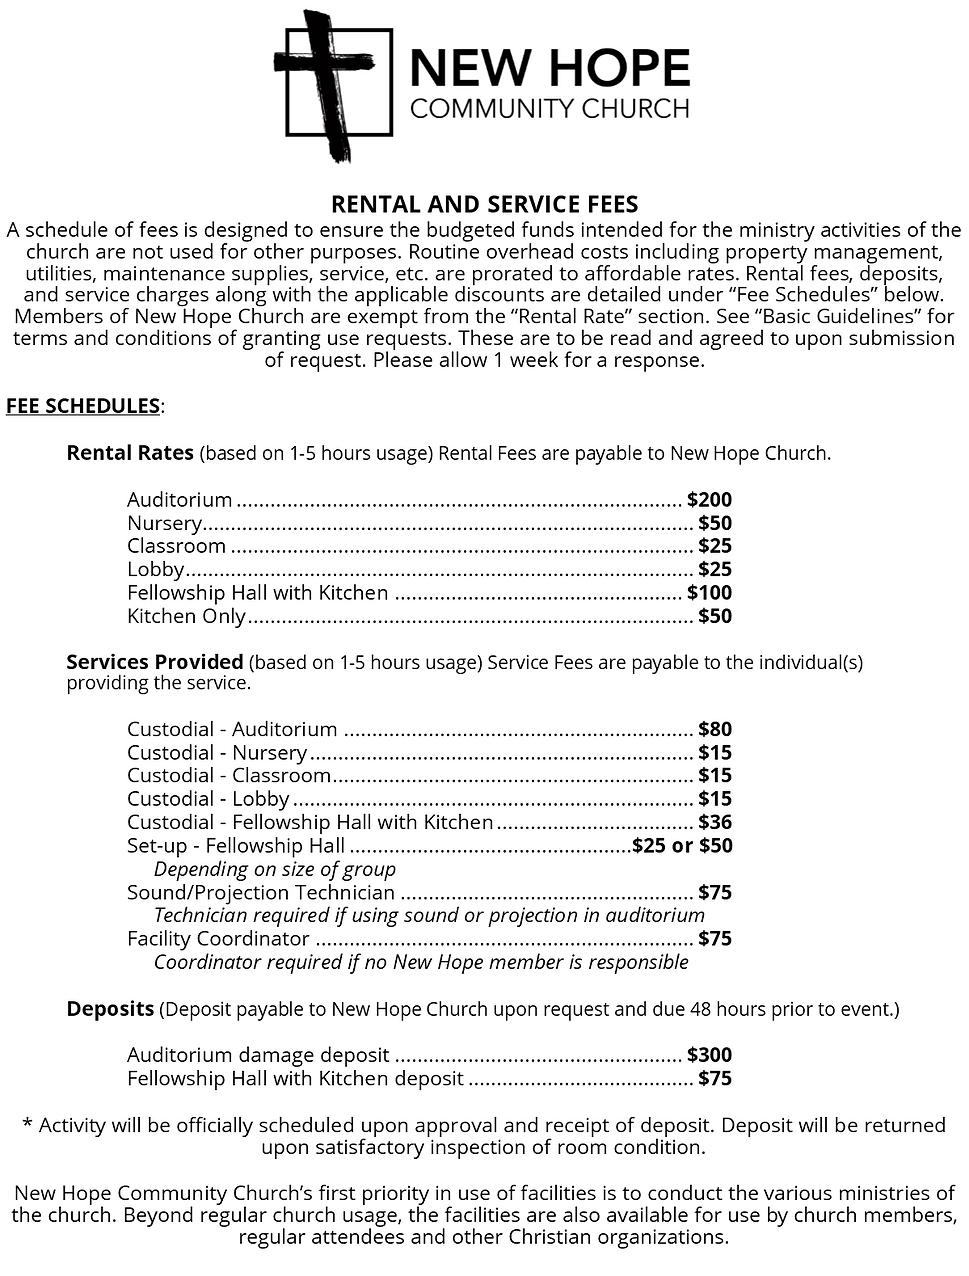 Rental fees.png